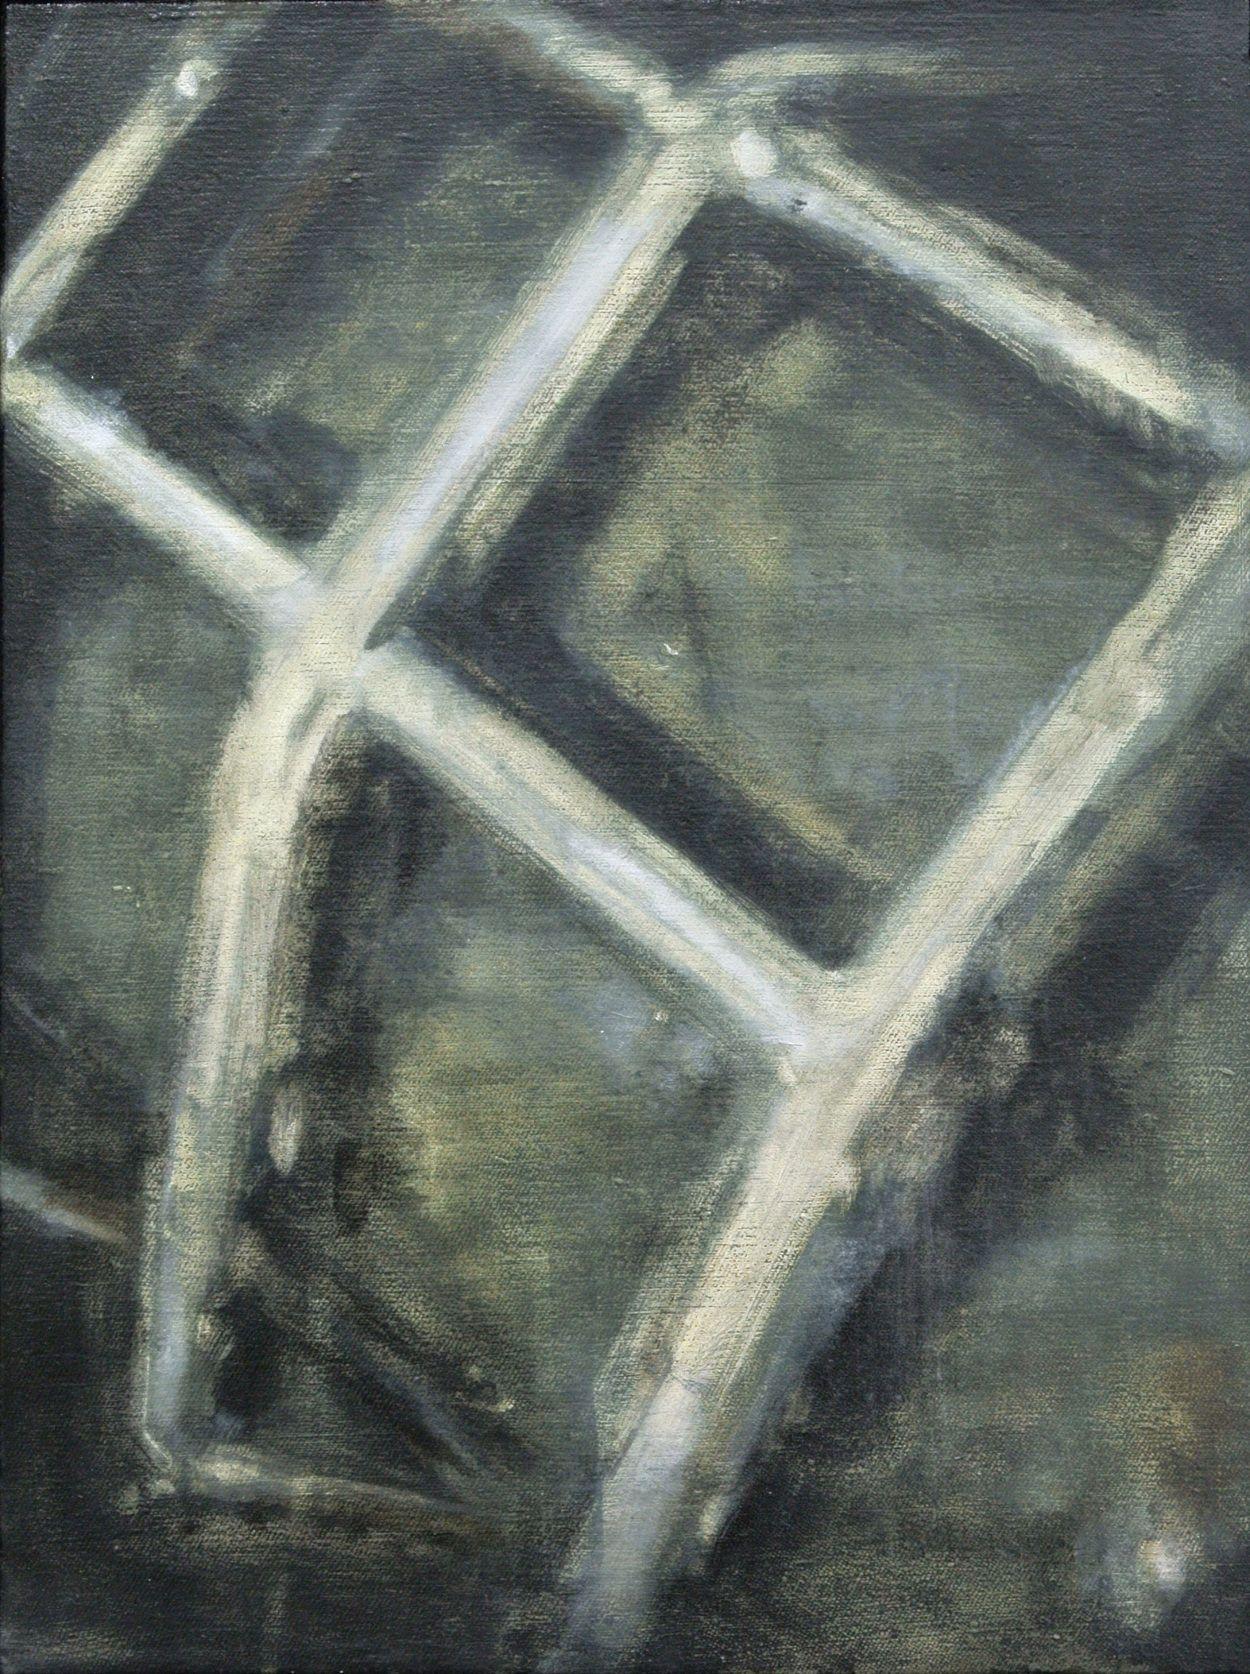 timothee-schelstraete-conferre-2014-huile-sur-toile-40x30cm-78cdeff41fde91f6836584090b3d7513